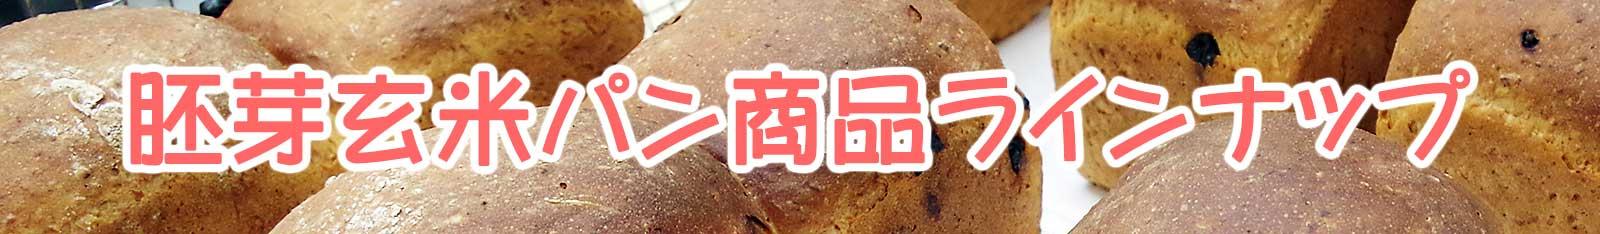 胚芽玄米パン商品ラインナップ